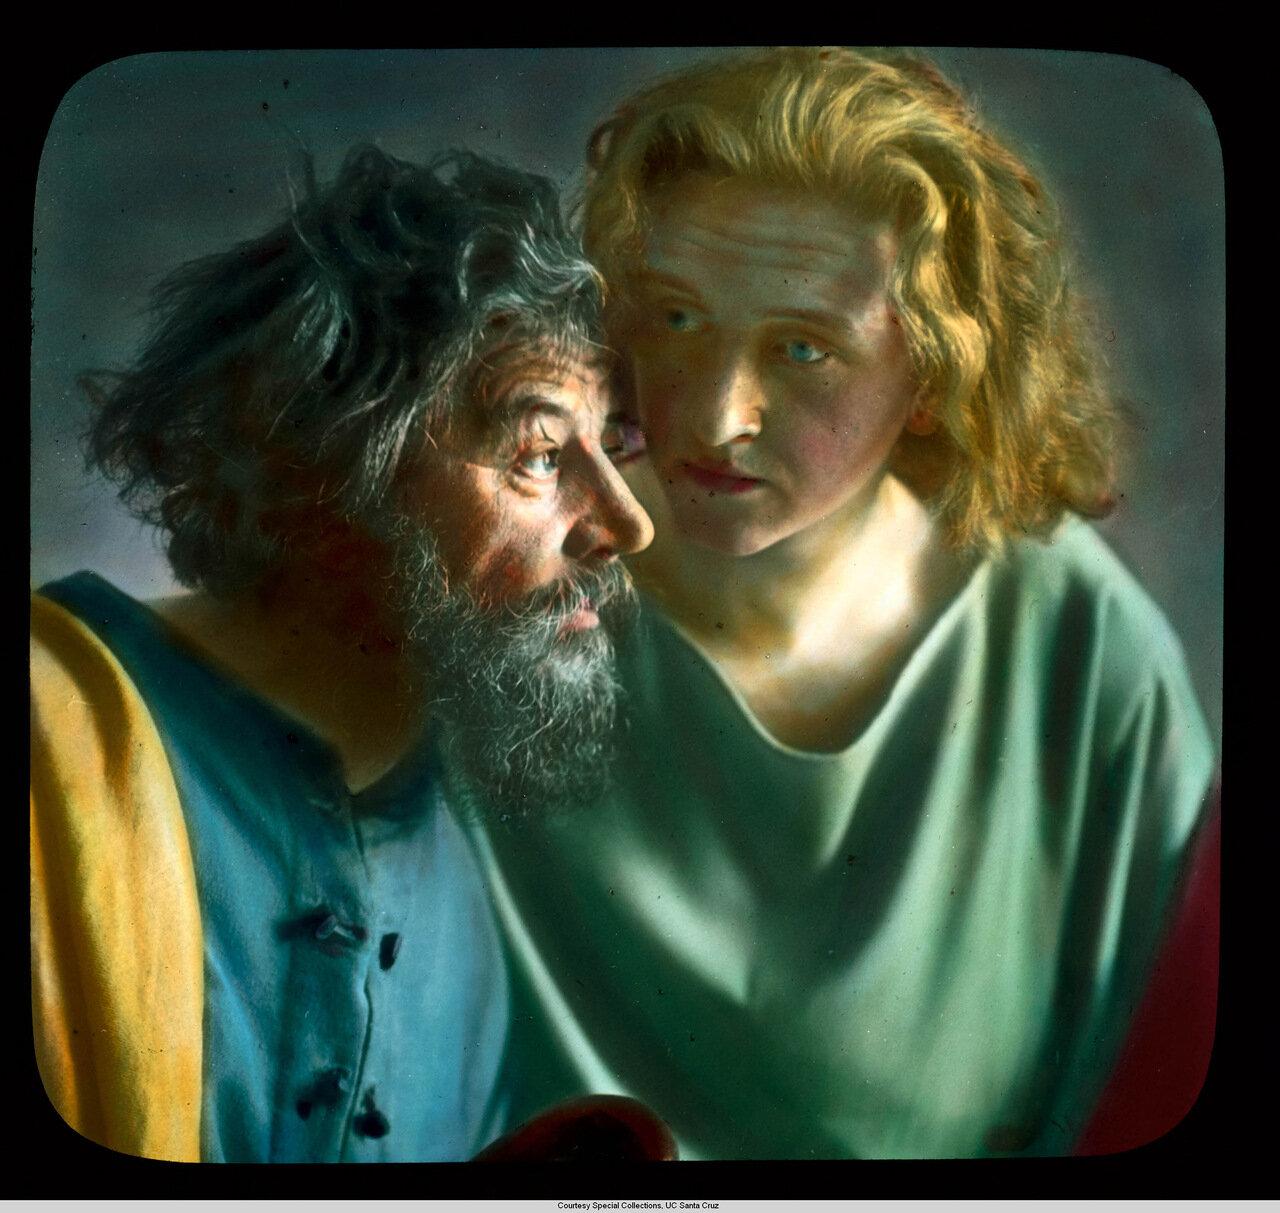 Обераммергау. Страсти Христовы. Петер Рендл как Петр и Йохан Лэнг в роли Иоанна Апостала